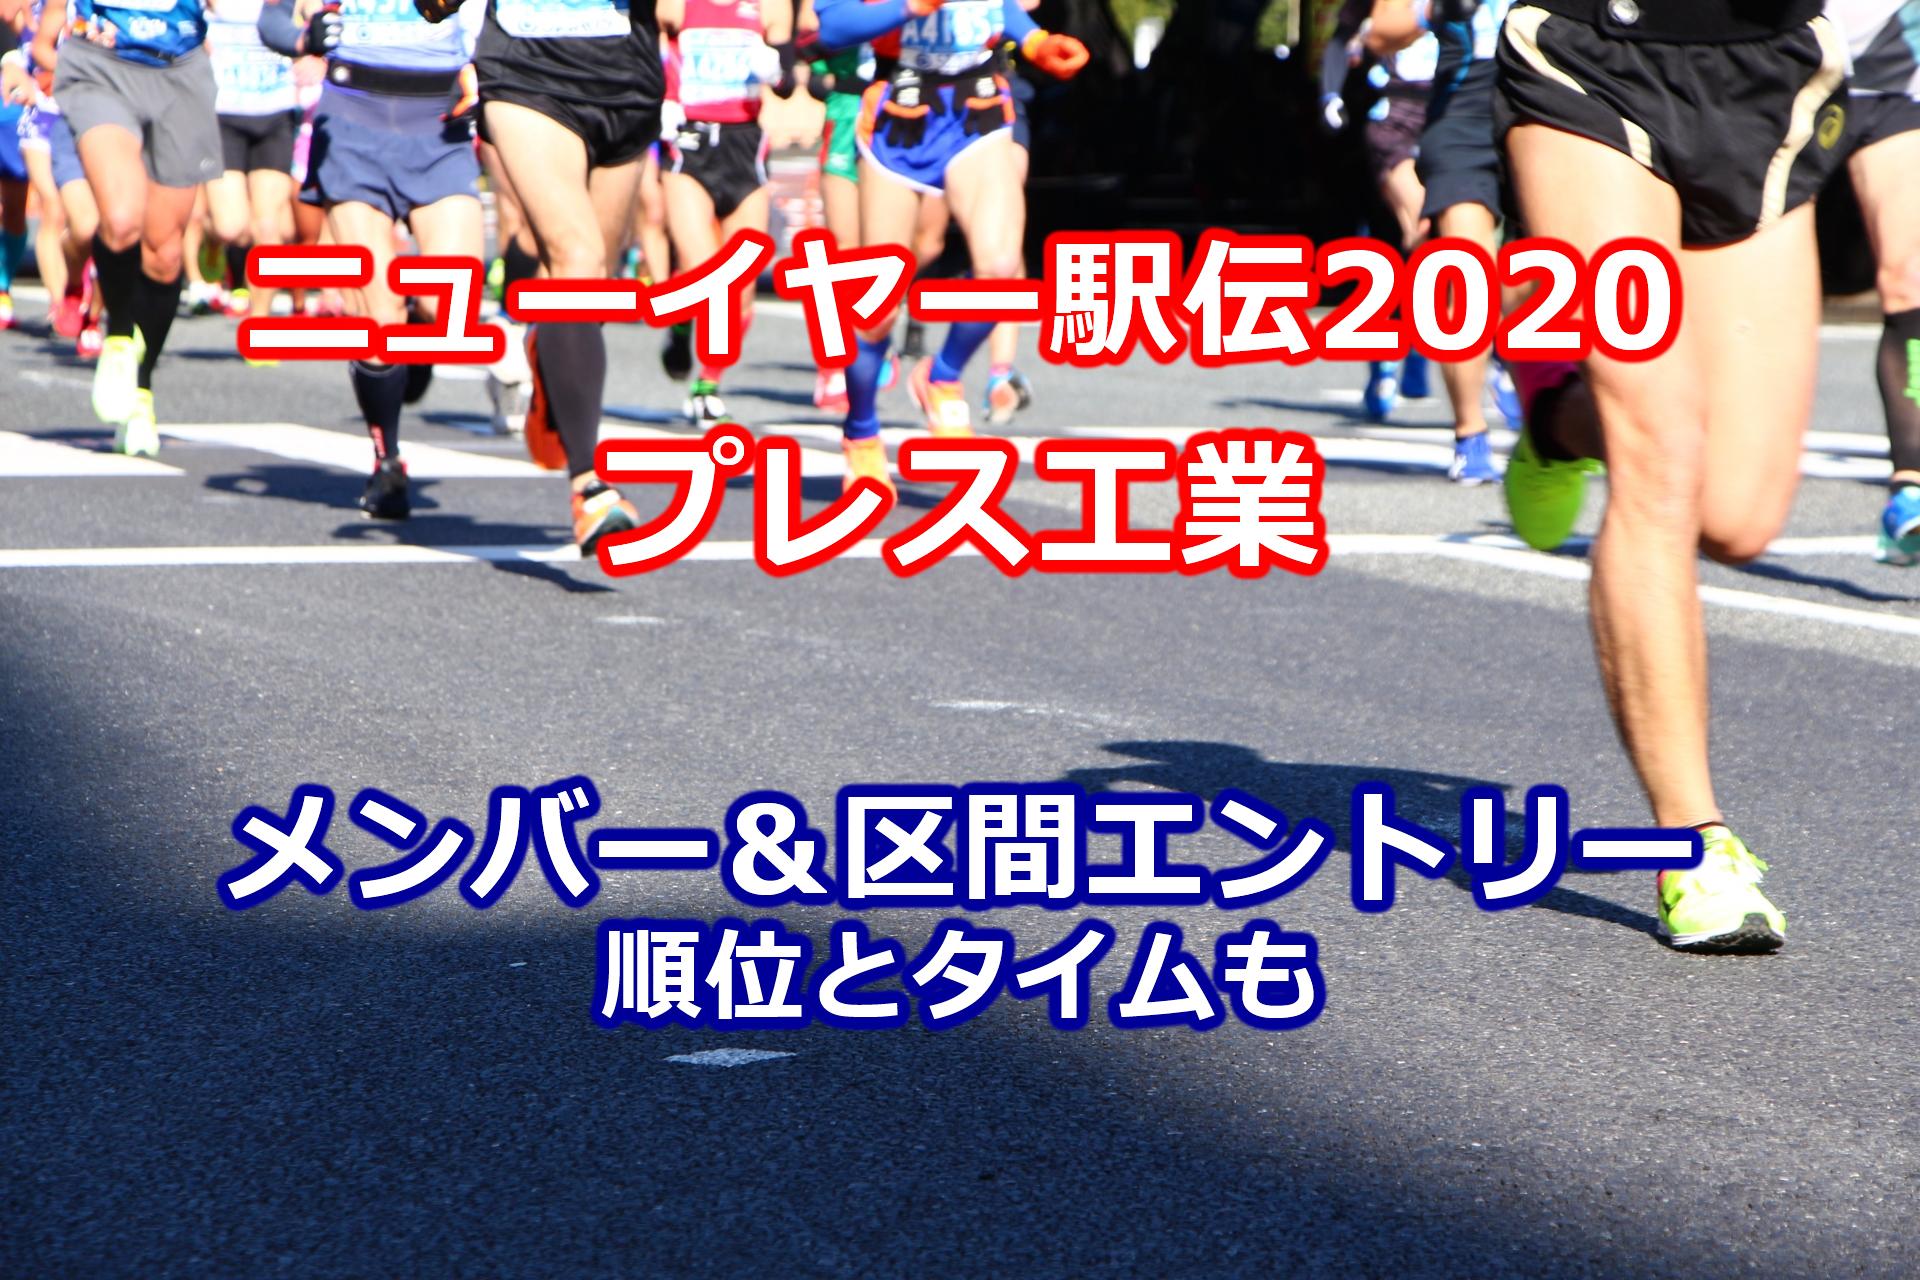 ニューイヤー駅伝2020プレス工業メンバー・区間エントリー・結果・順位・タイムまとめ